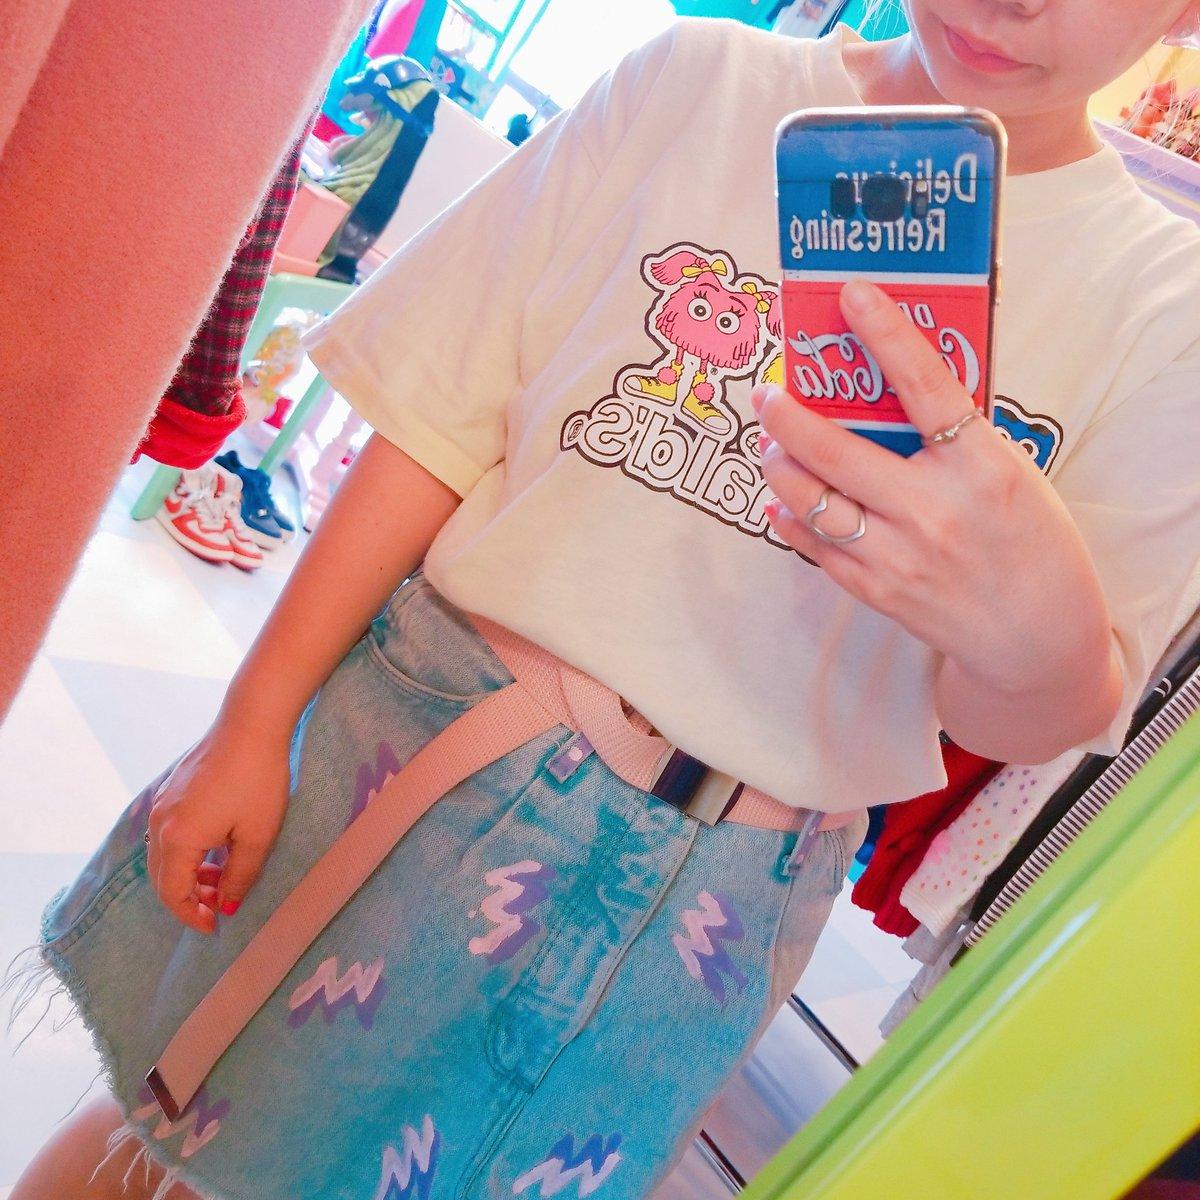 今日暑かったからTシャツで着てしまったけど、、、夜涼しくなっとる♥️